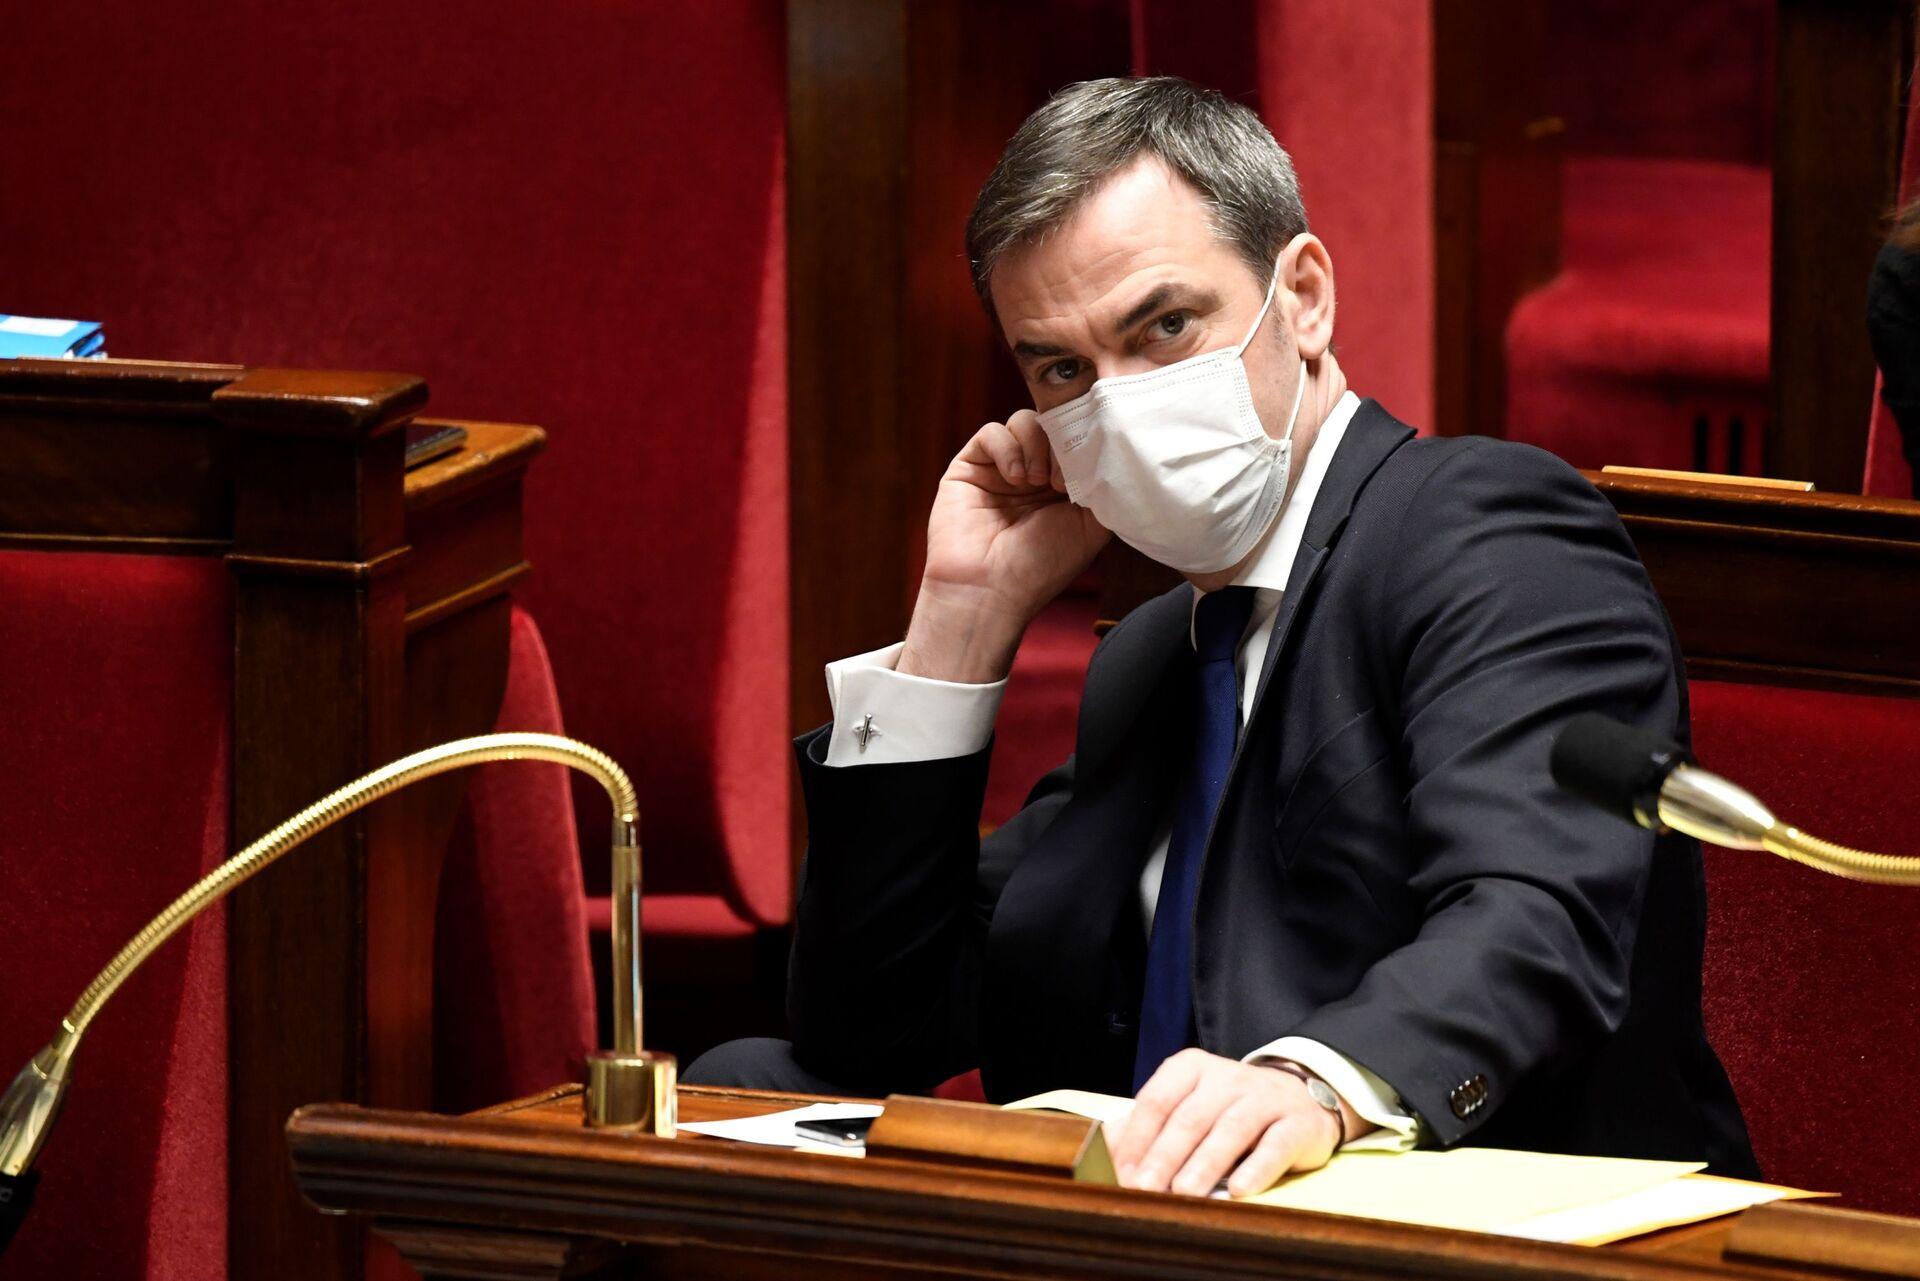 Promesse non tenue: pendant la pandémie, les suppressions de lits d'hôpital se poursuivent - Sputnik France, 1920, 02.02.2021